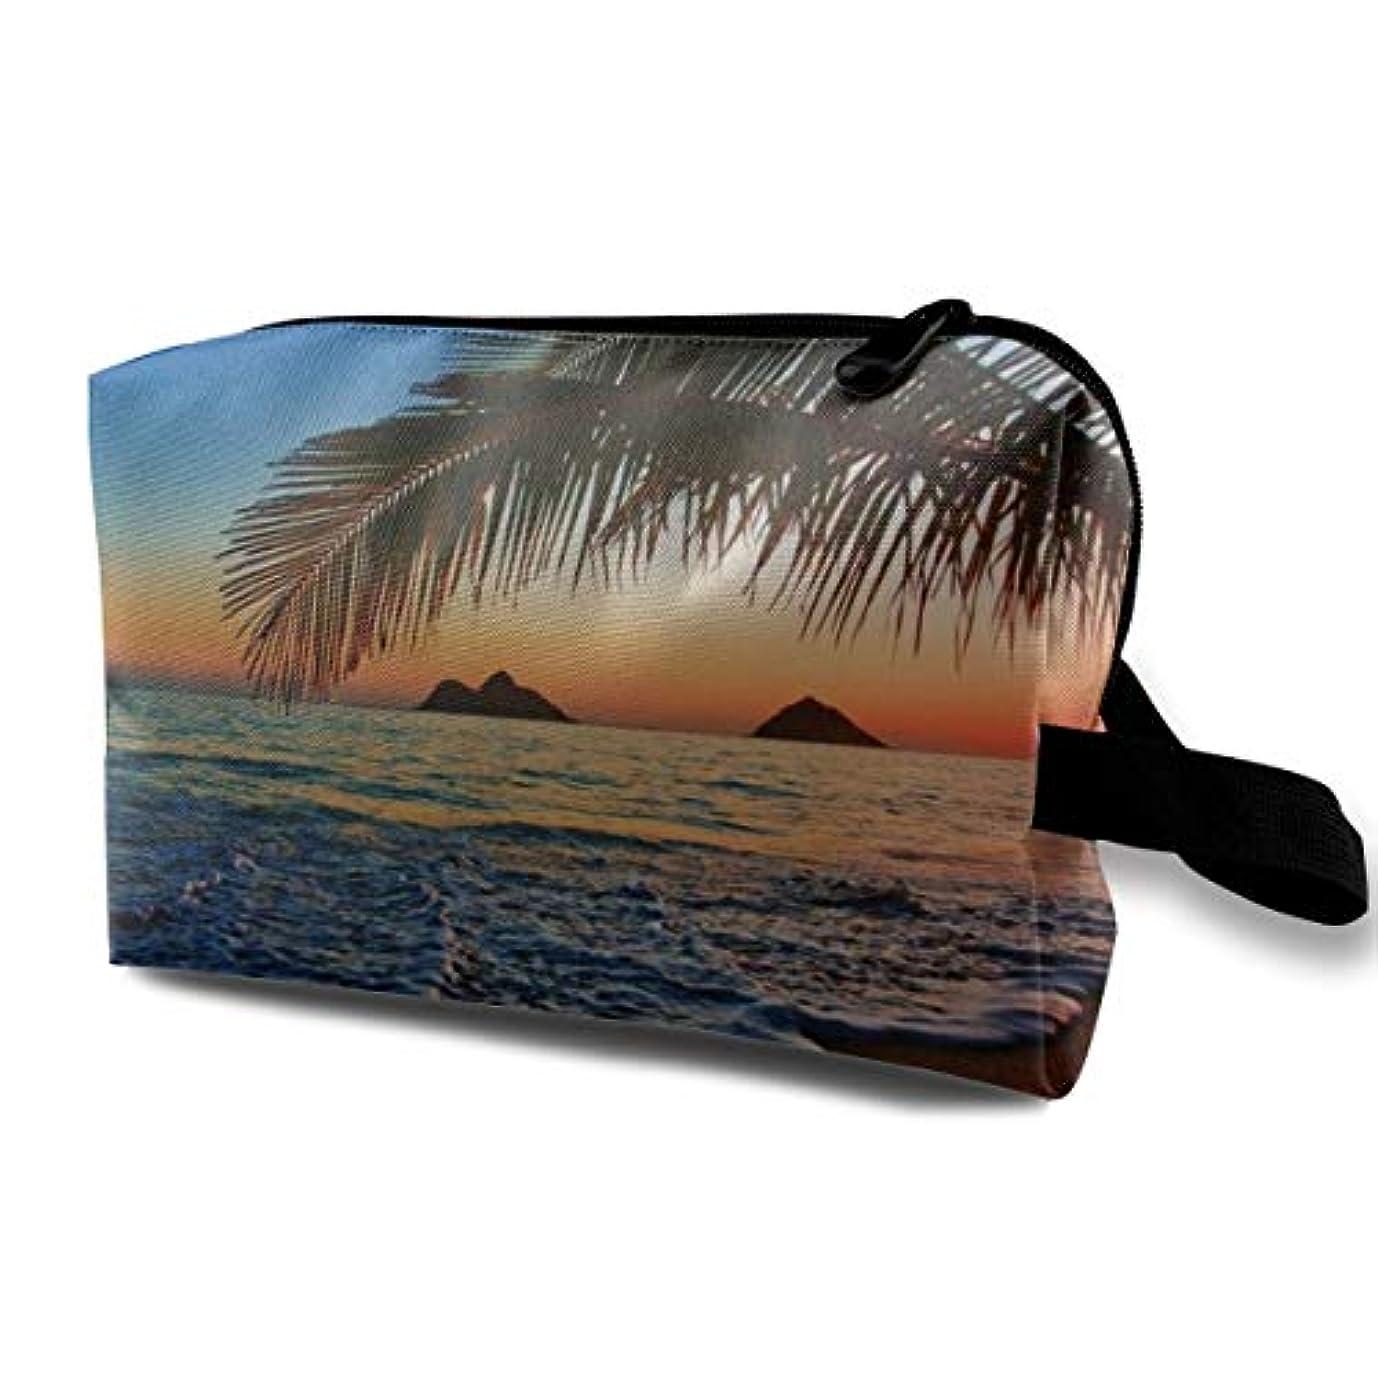 胚芽知覚的アンプPacific Sunrise Beach 収納ポーチ 化粧ポーチ 大容量 軽量 耐久性 ハンドル付持ち運び便利。入れ 自宅?出張?旅行?アウトドア撮影などに対応。メンズ レディース トラベルグッズ